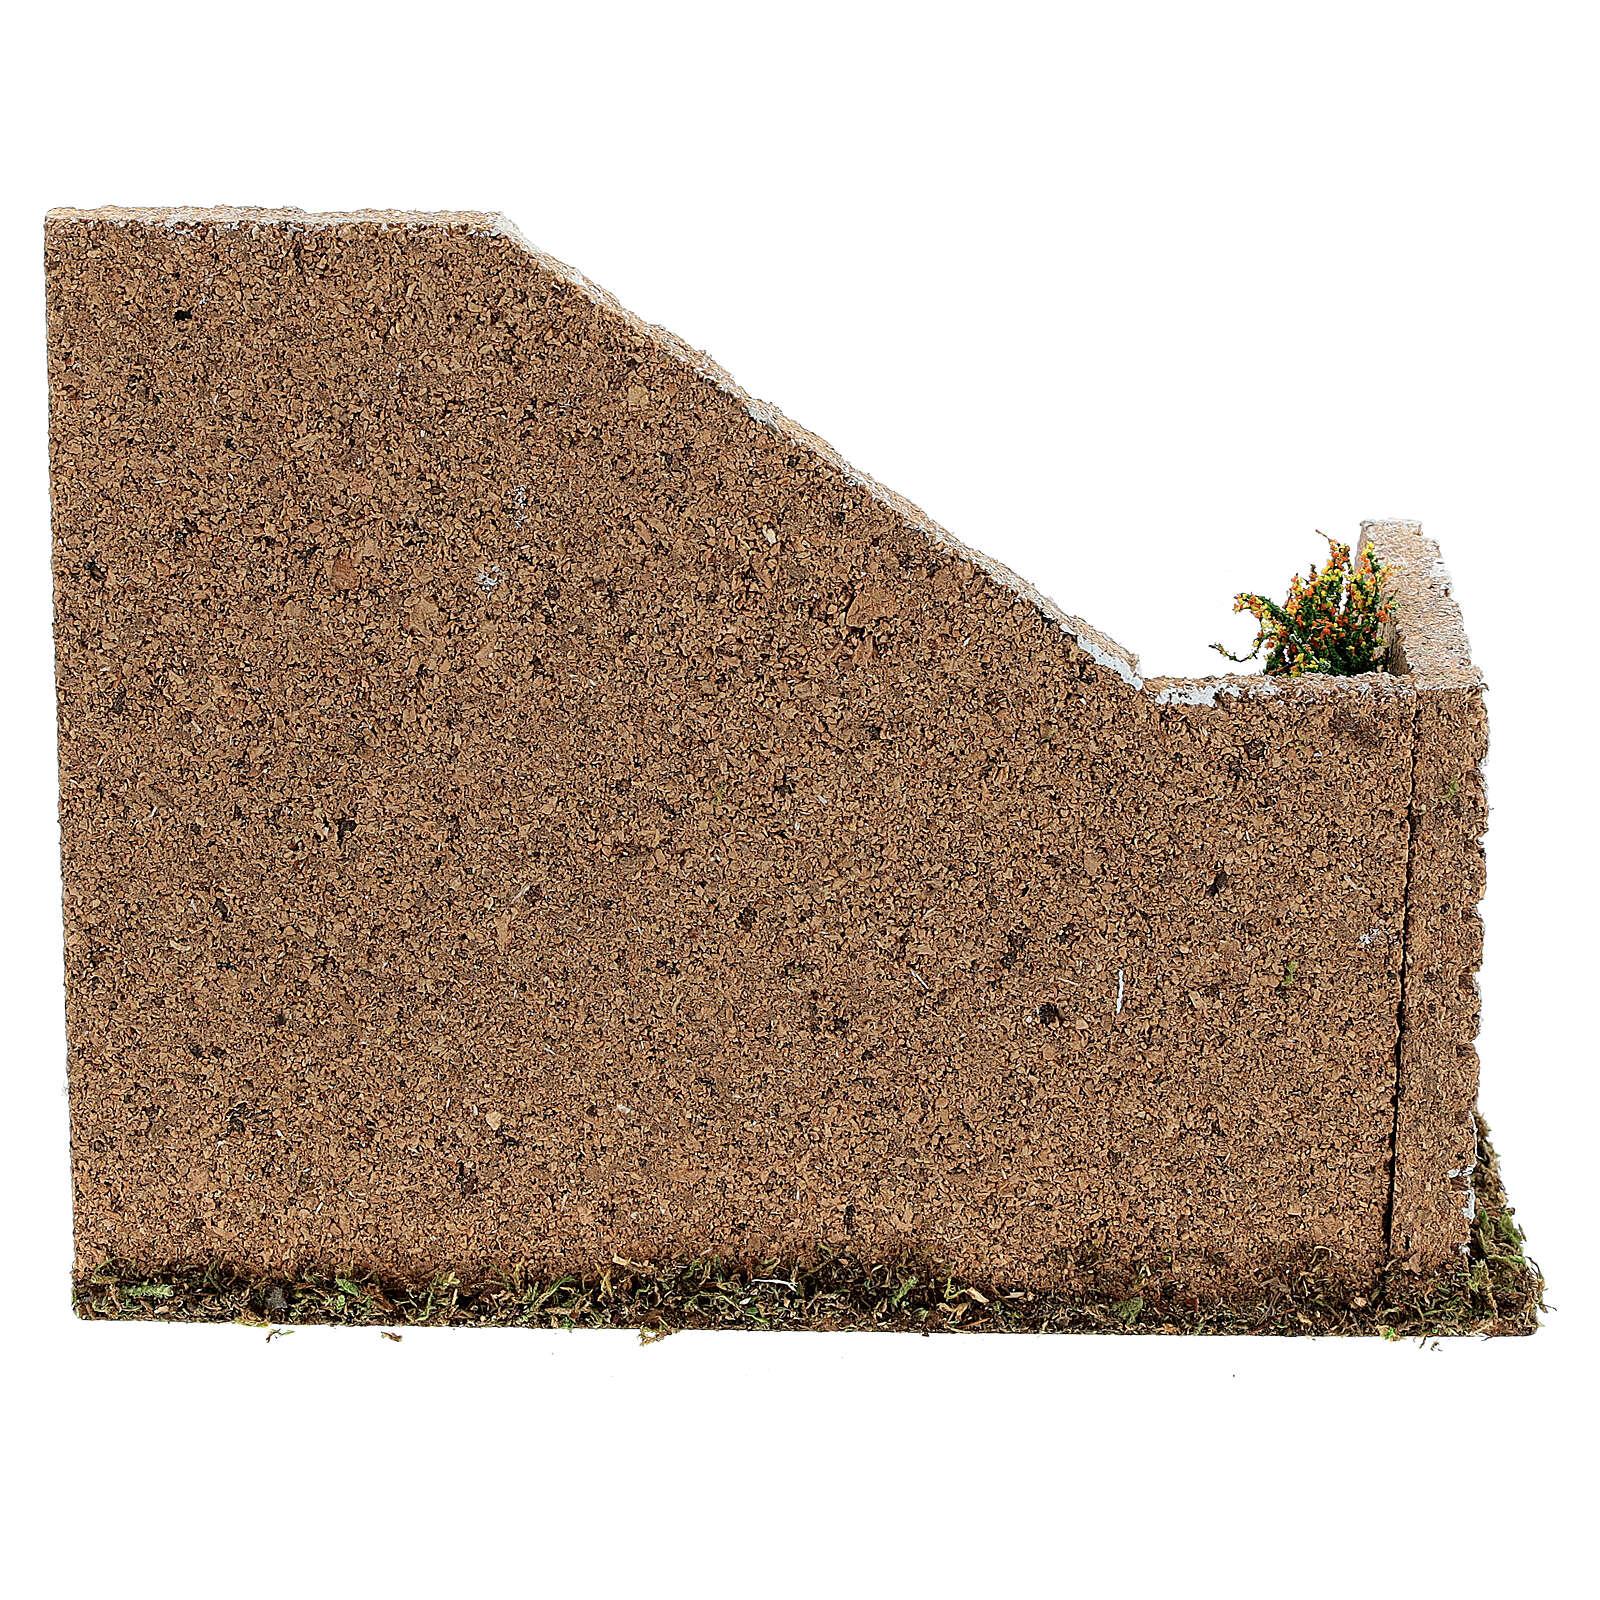 Gradinata angolare muratura 20x15x15 cm presepi 8-12 cm 4